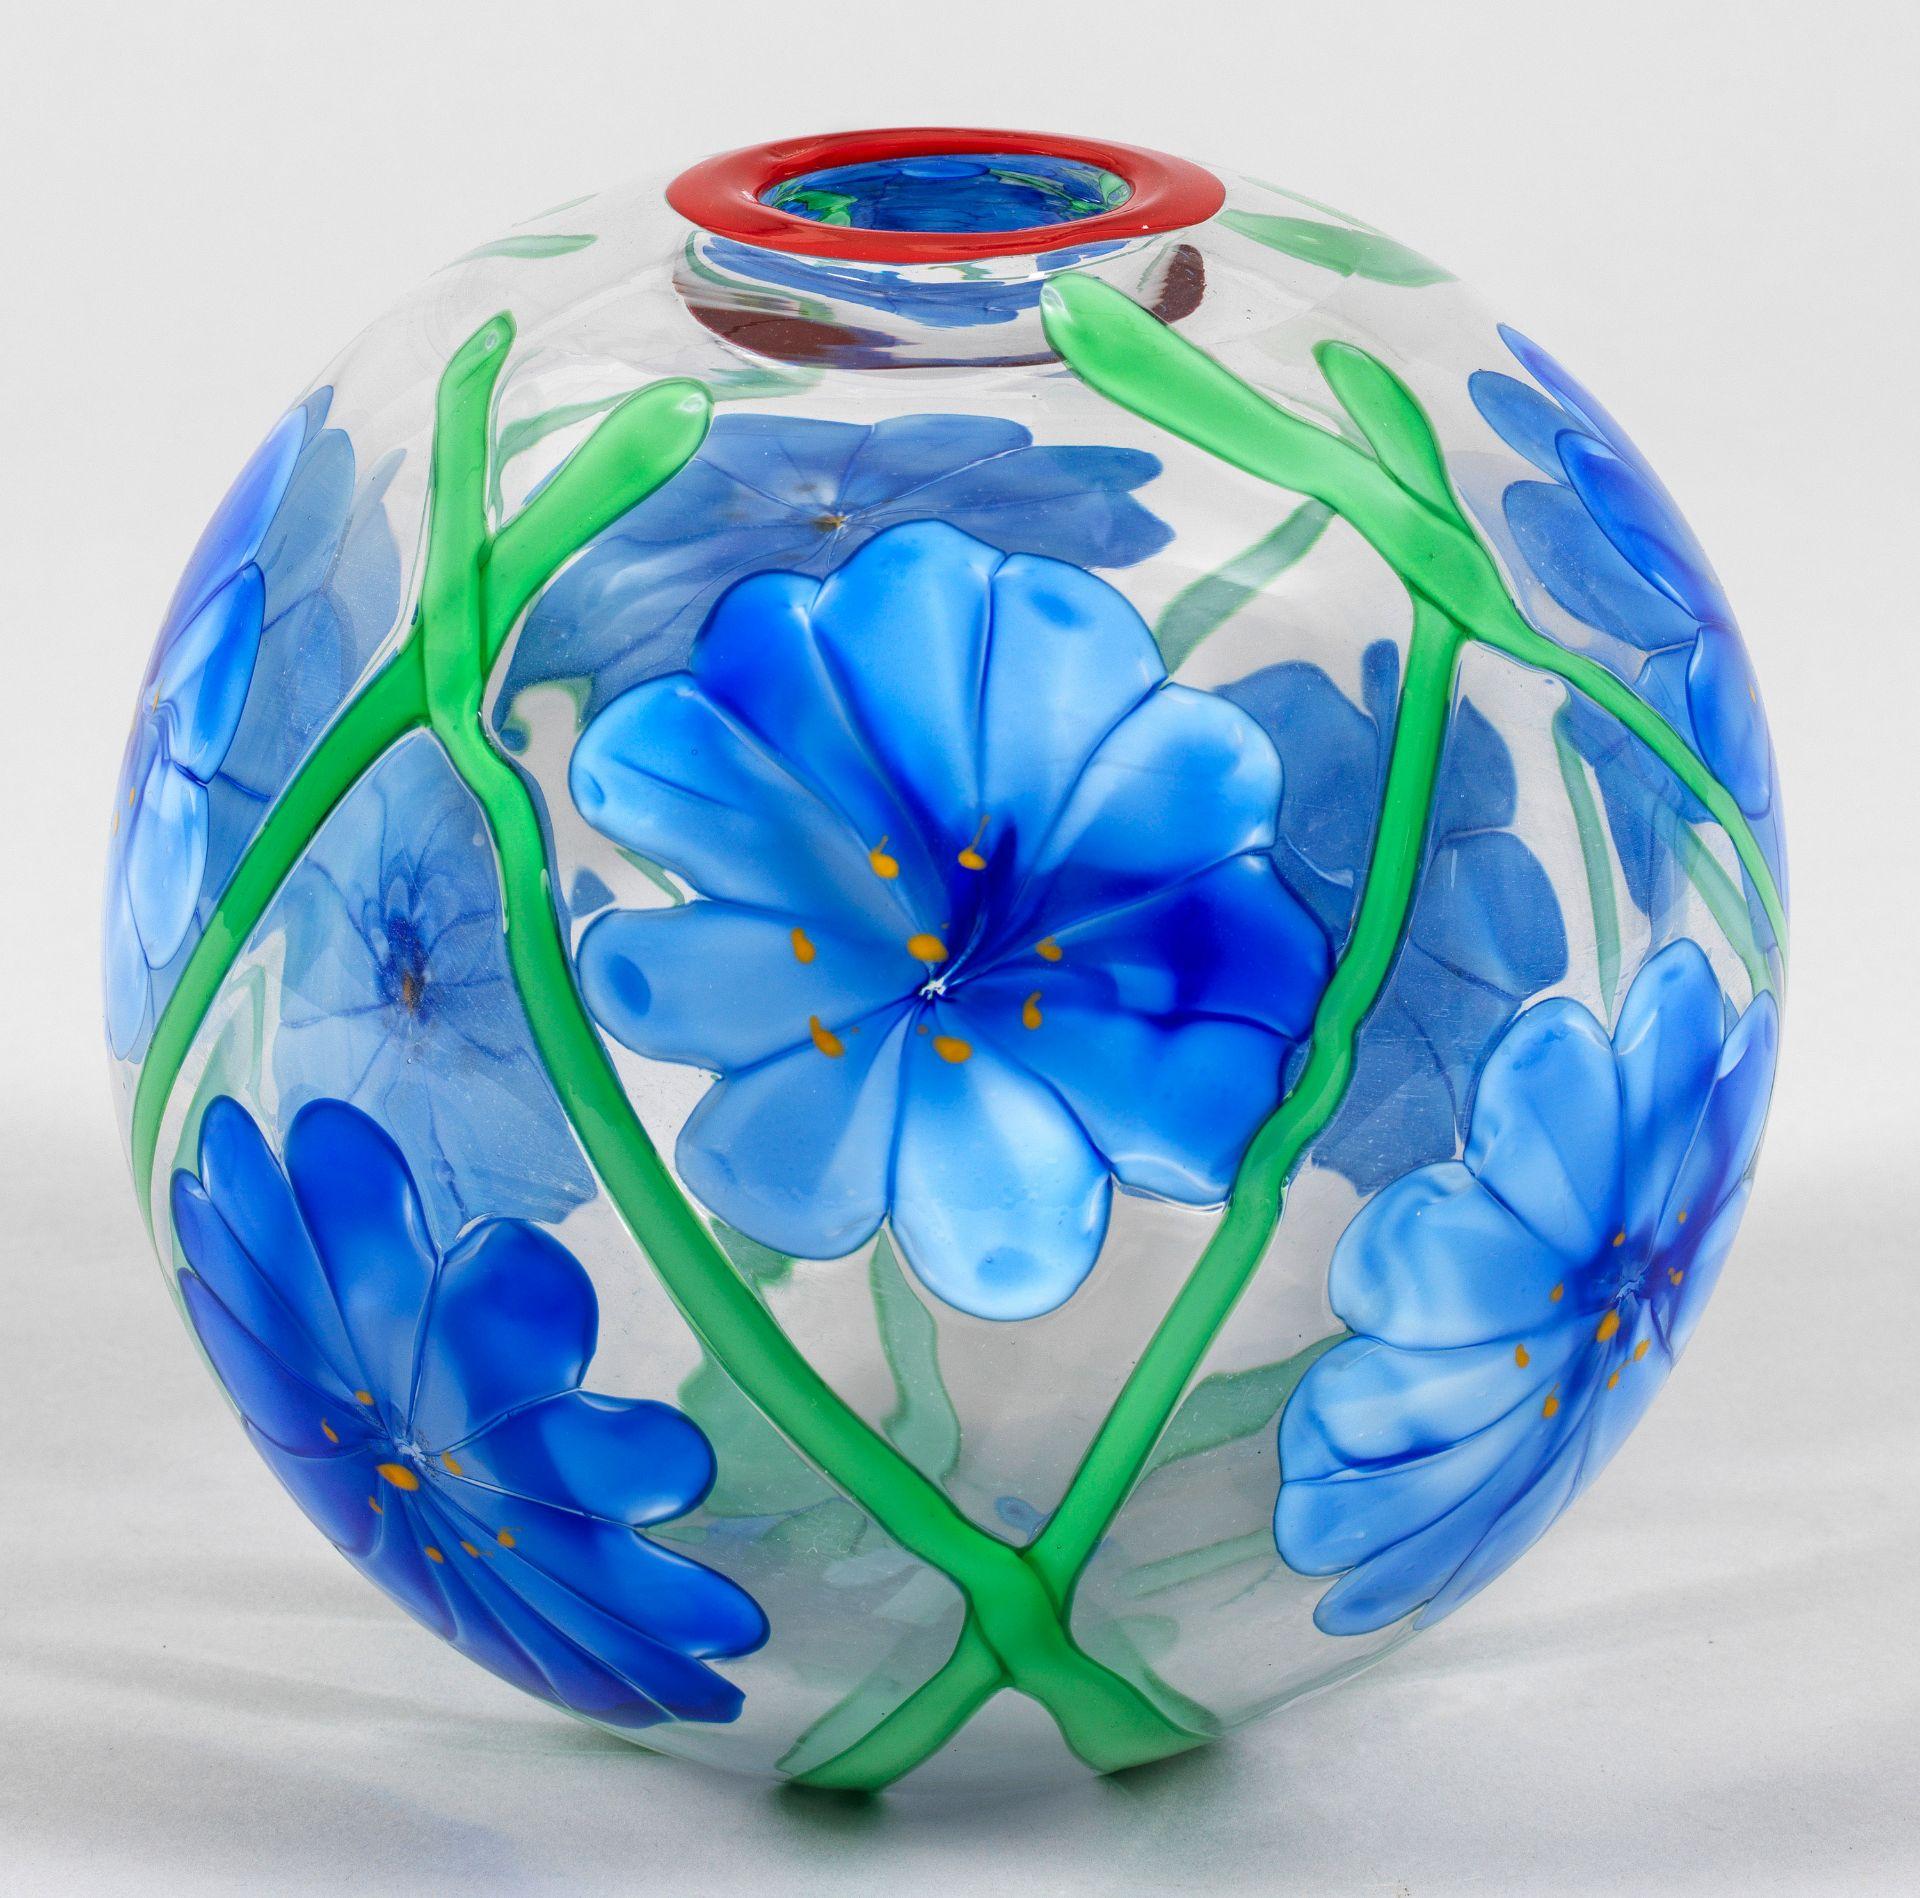 Kugelvase mit Blütendekor von Berit Johansson